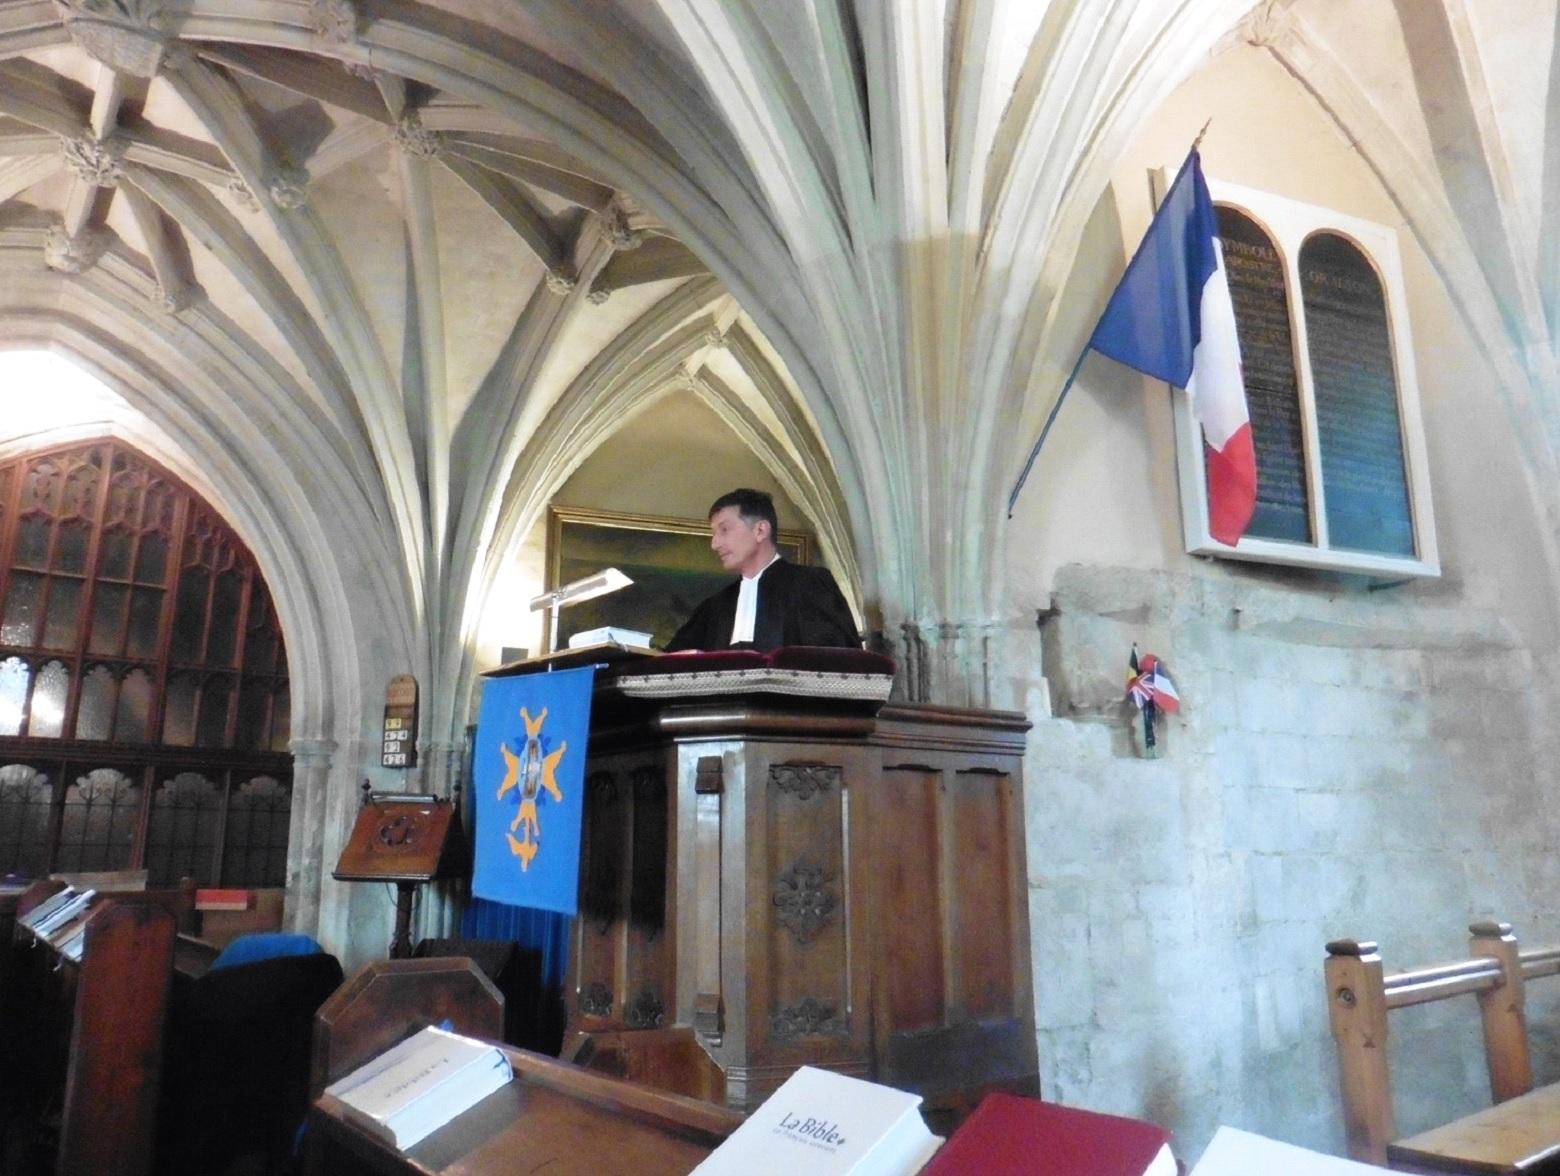 Culte du pasteur S Desmarais dans la chapelle du Prince Noir